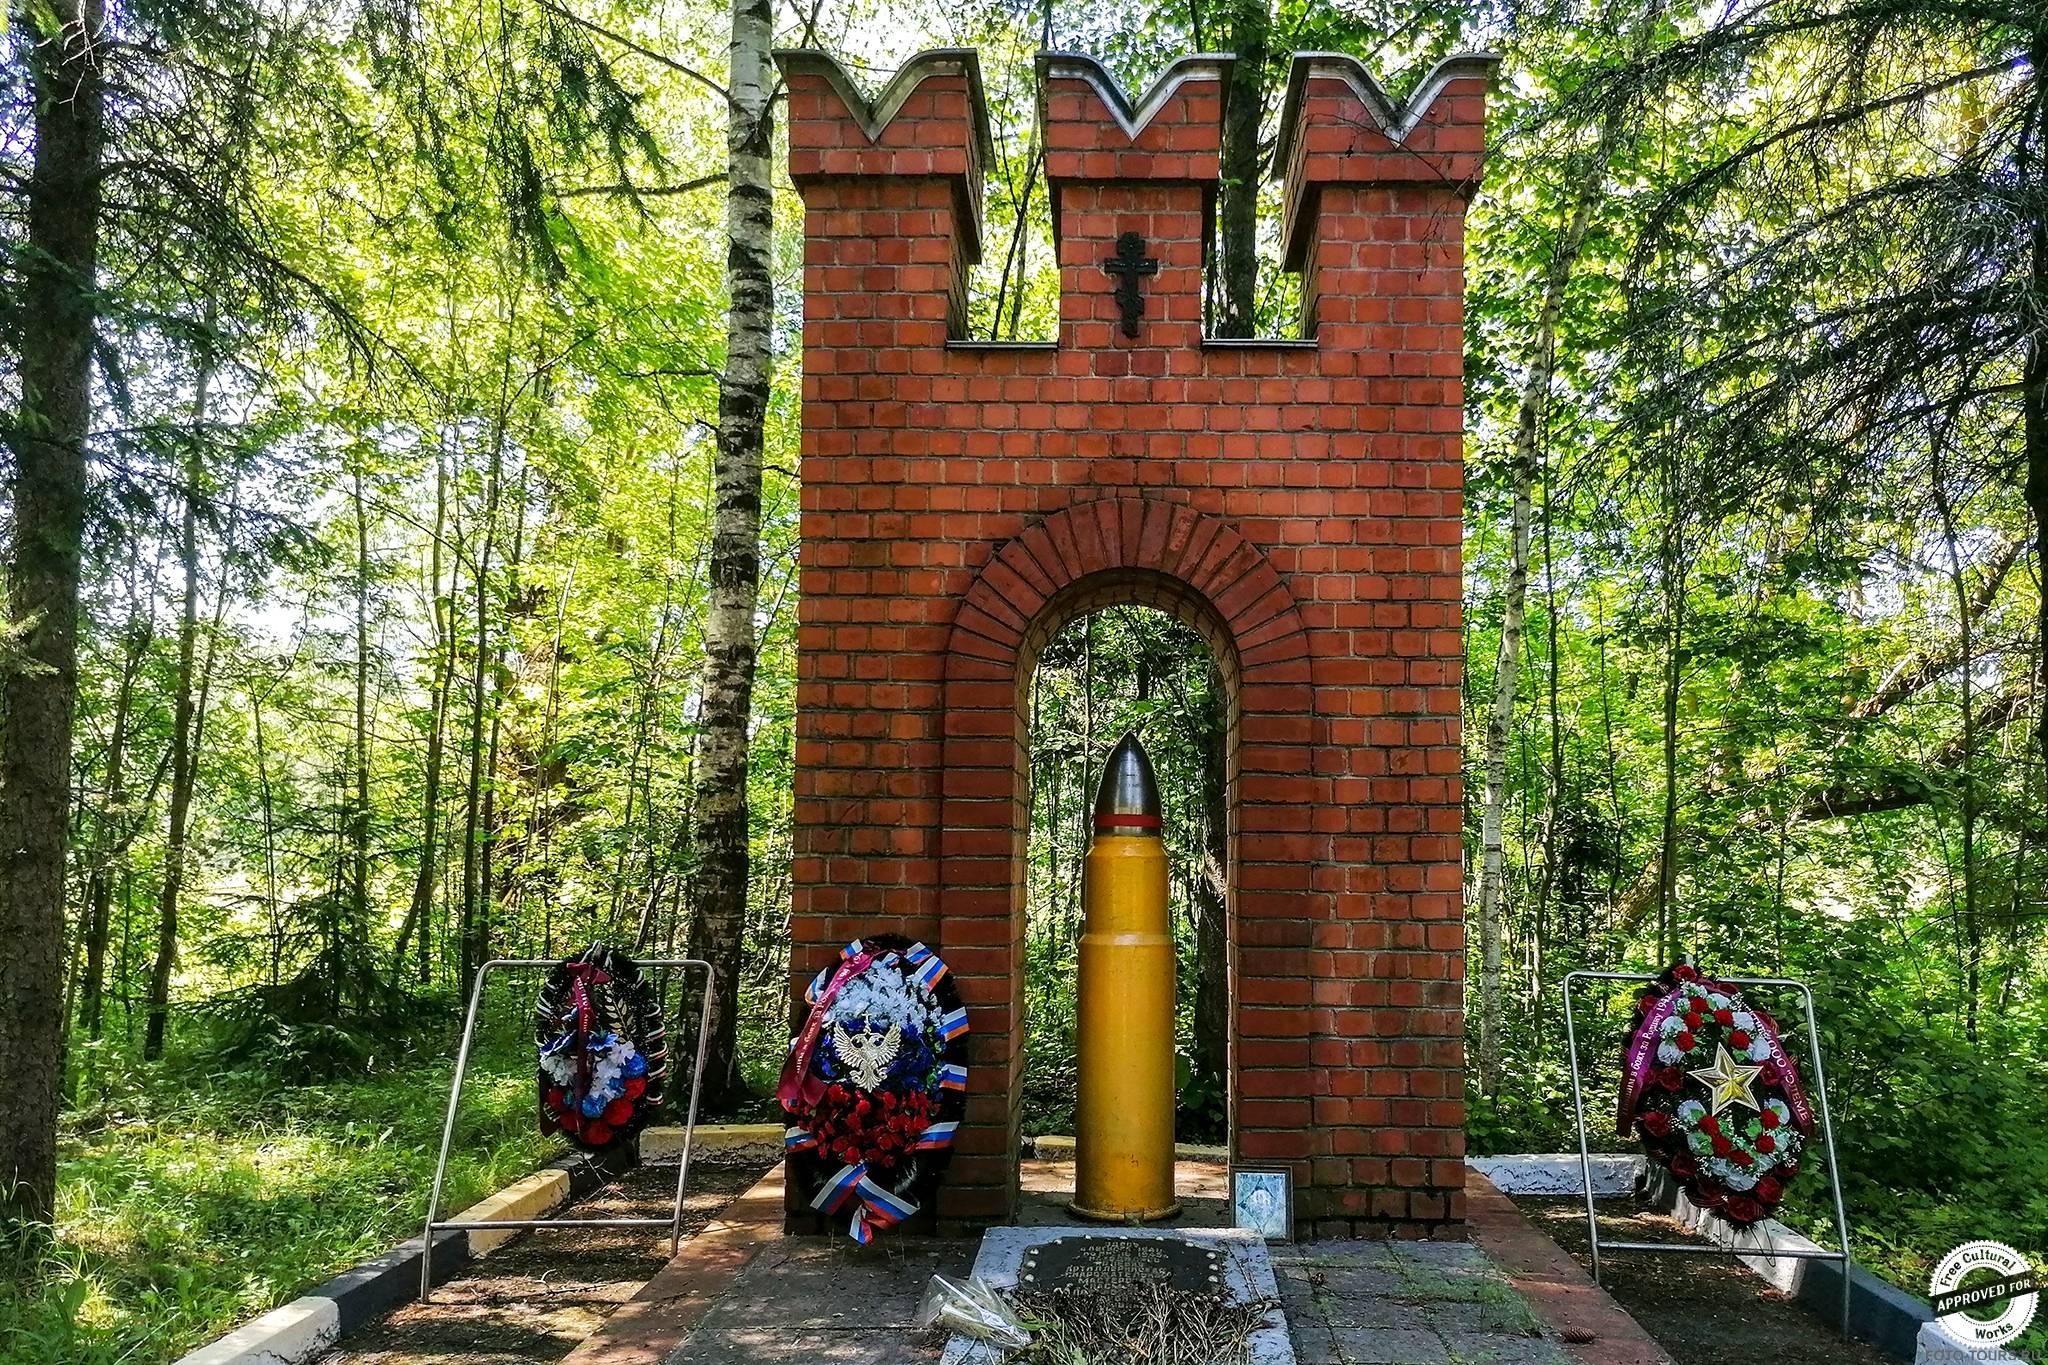 Памятник ПАСМ-22, Электрогорск, Россия.